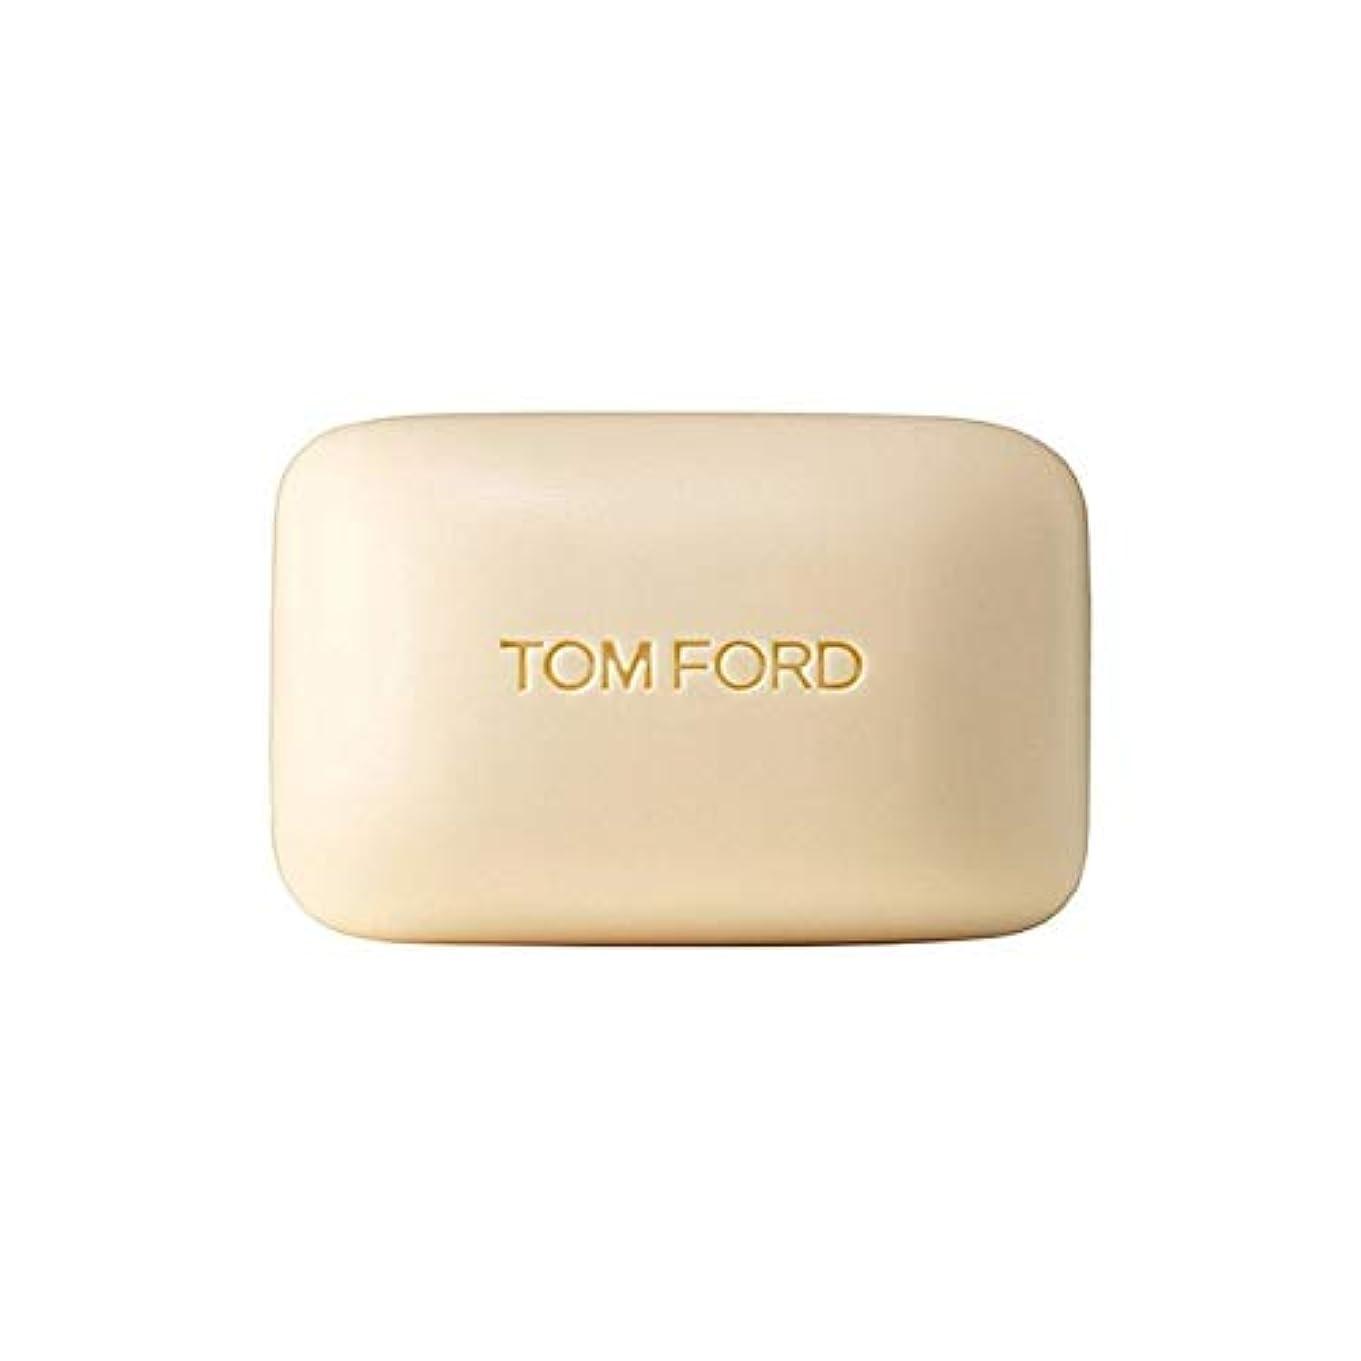 洋服ブルーベル明確な[Tom Ford] トムフォードジャスミンルージュソープバー150グラム - Tom Ford Jasmin Rouge Soap Bar 150G [並行輸入品]